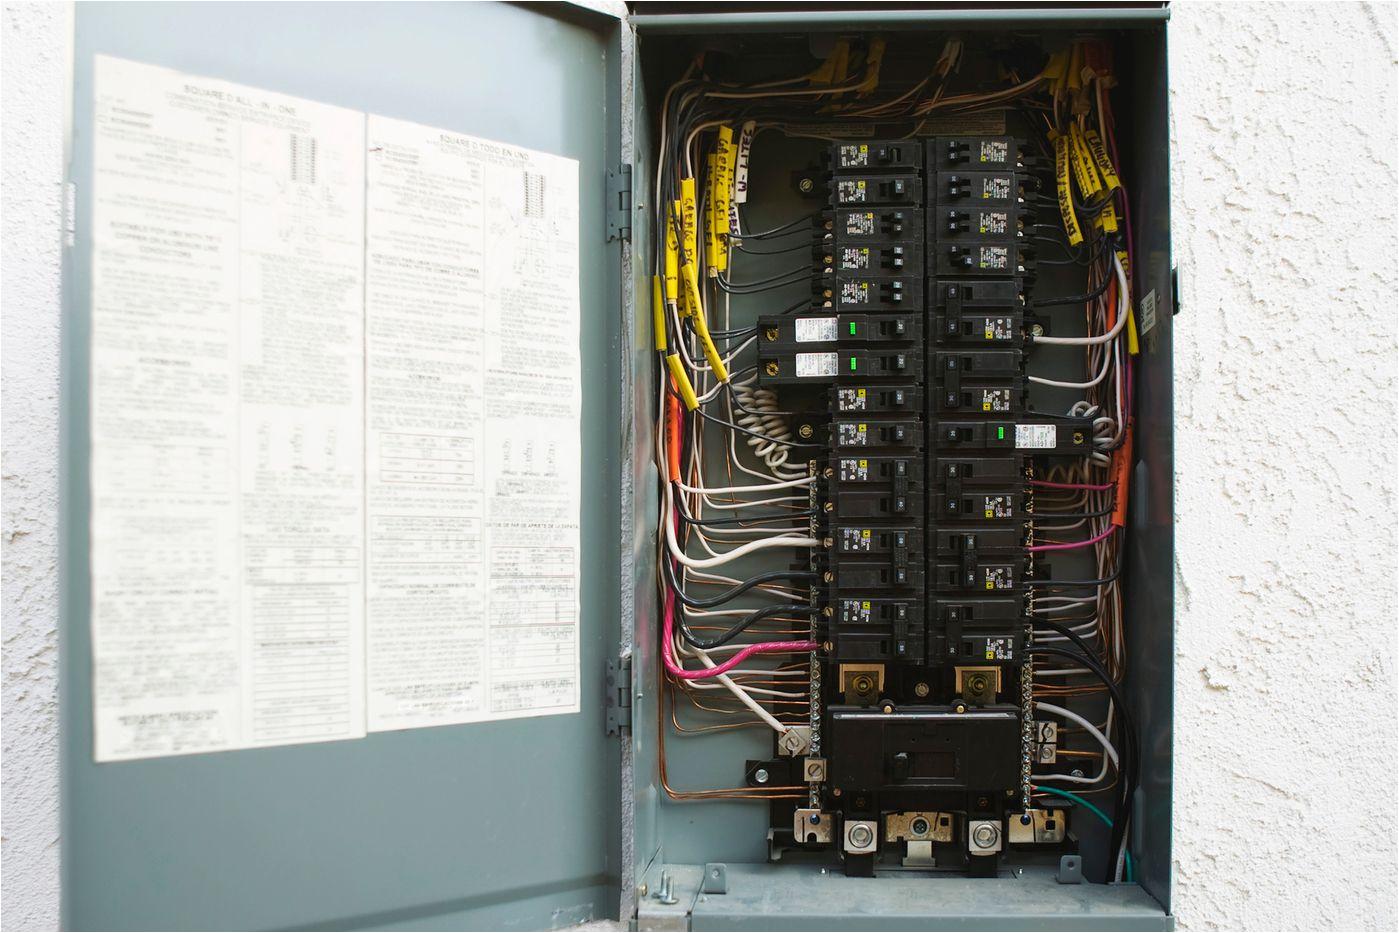 fuse box gettyimages 86465212 58b70a3a5f9b586046727169 jpg